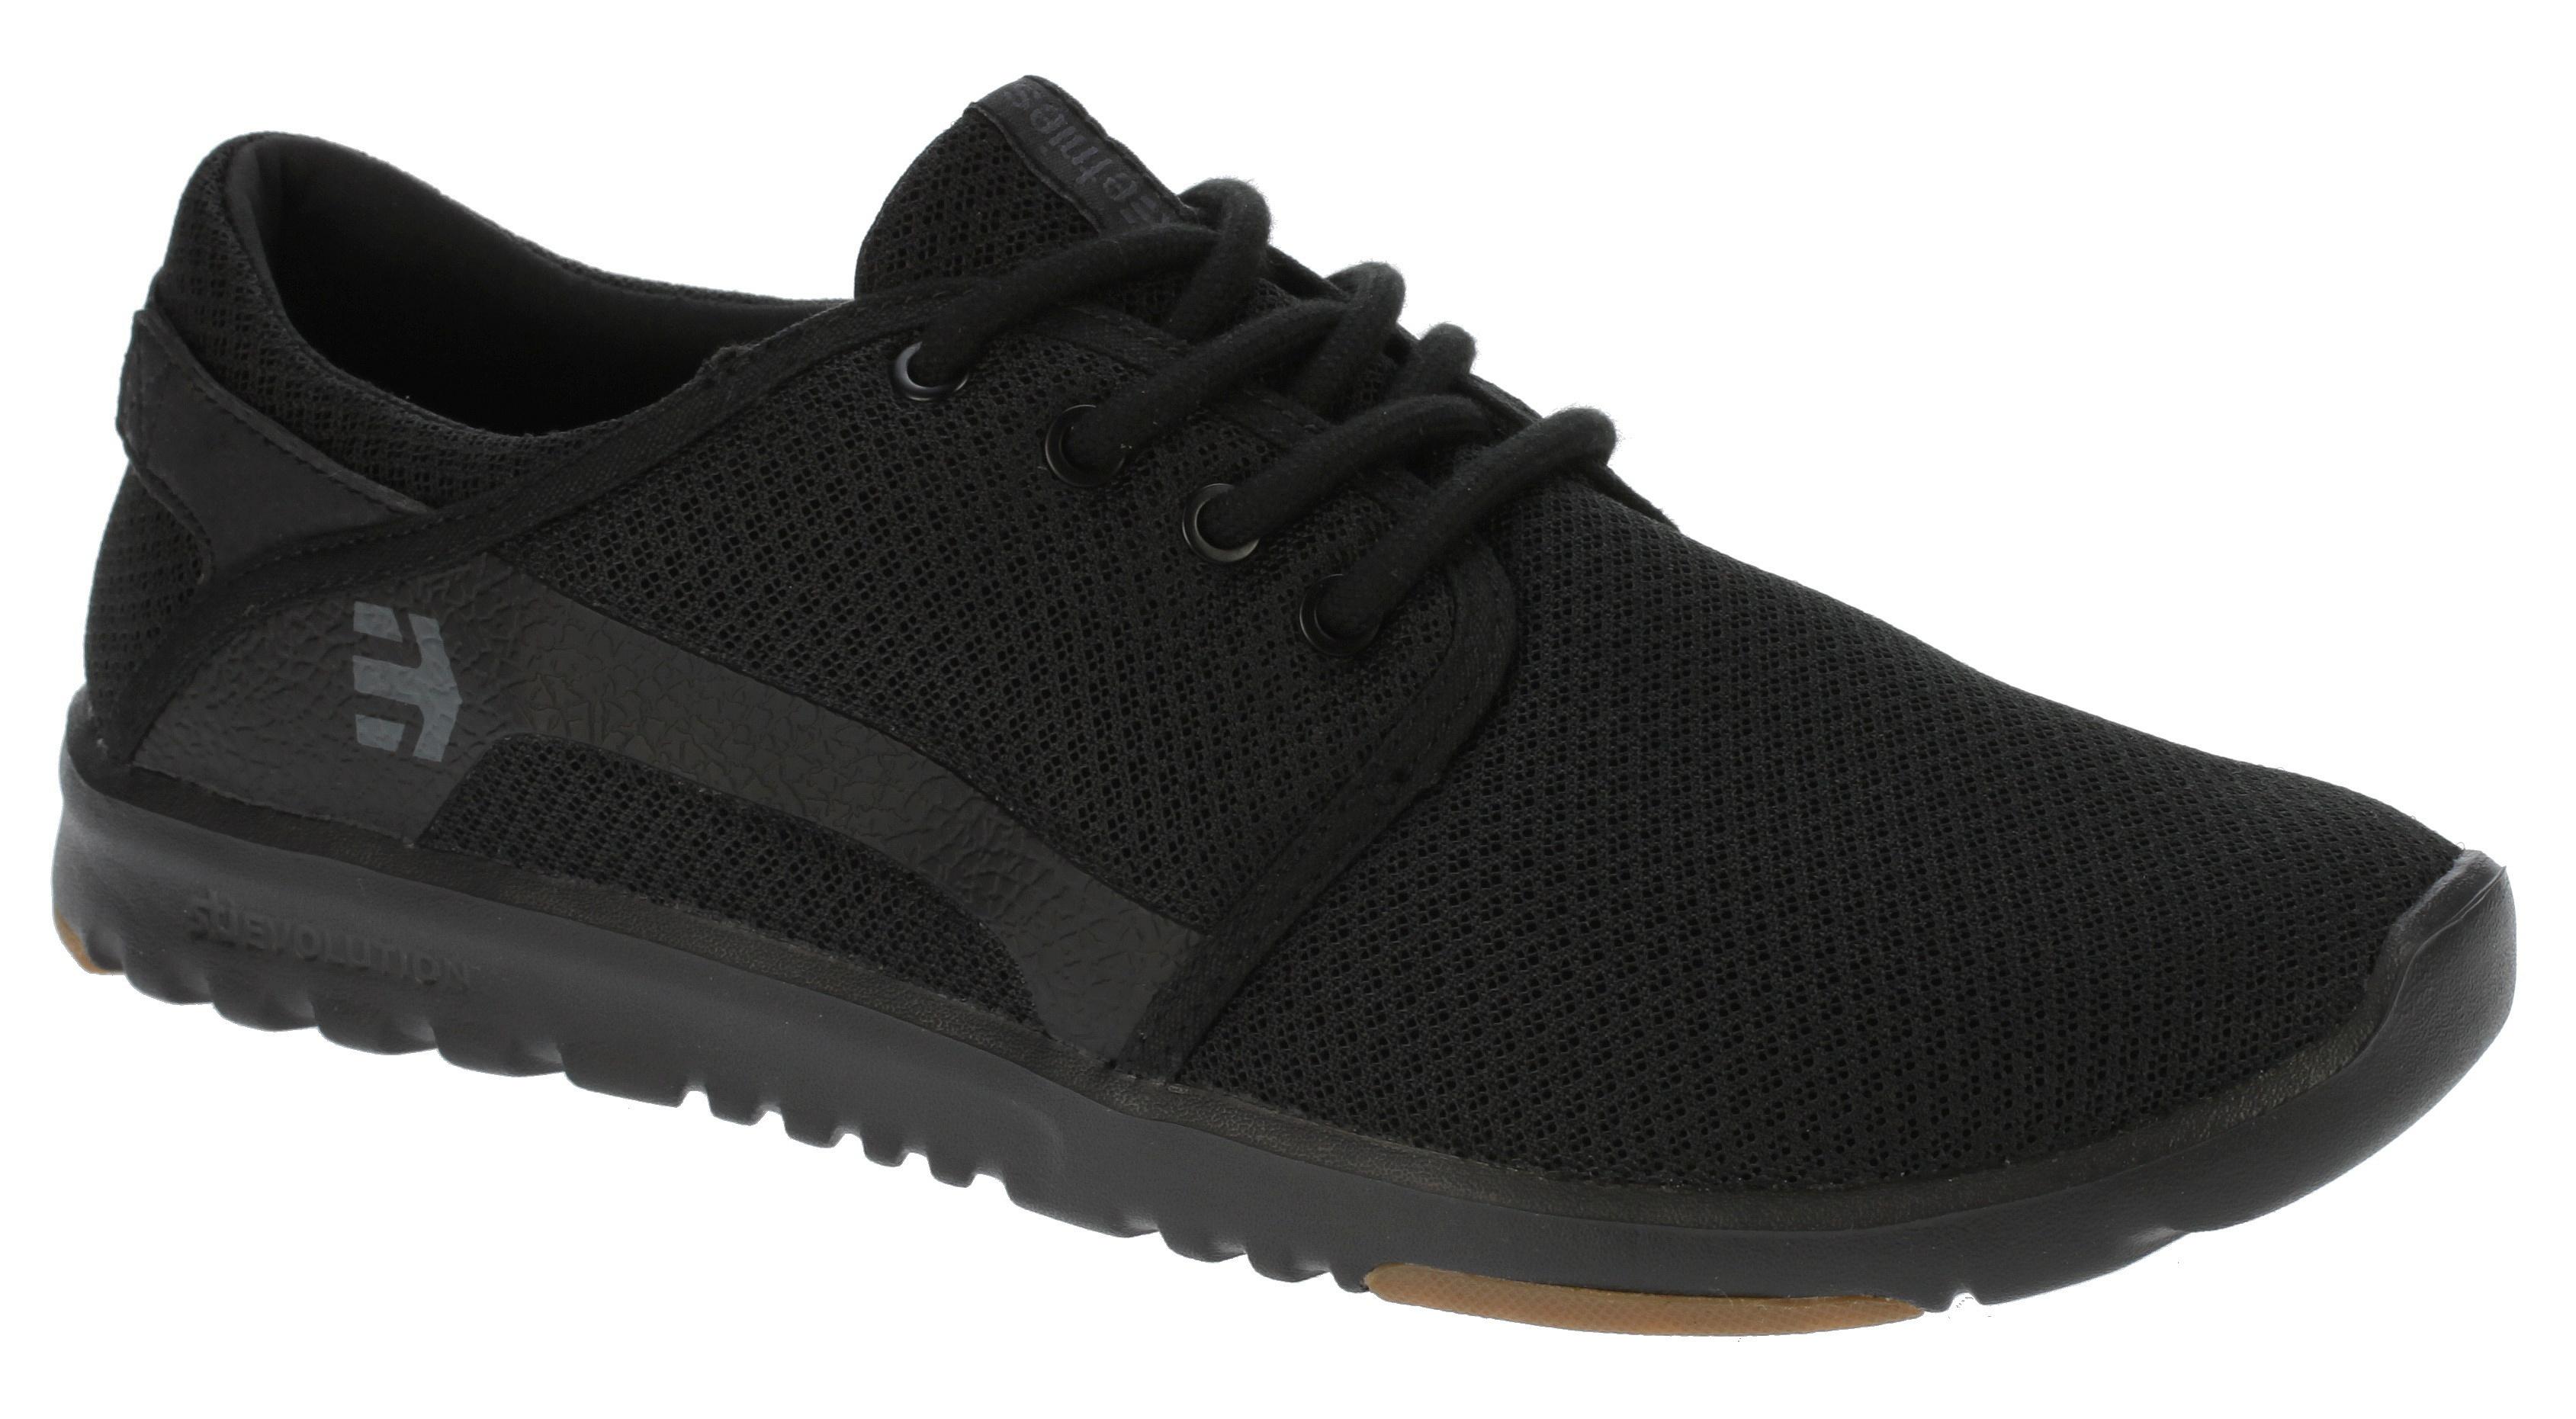 shoes Etnies Scout - Black/Black/Gum